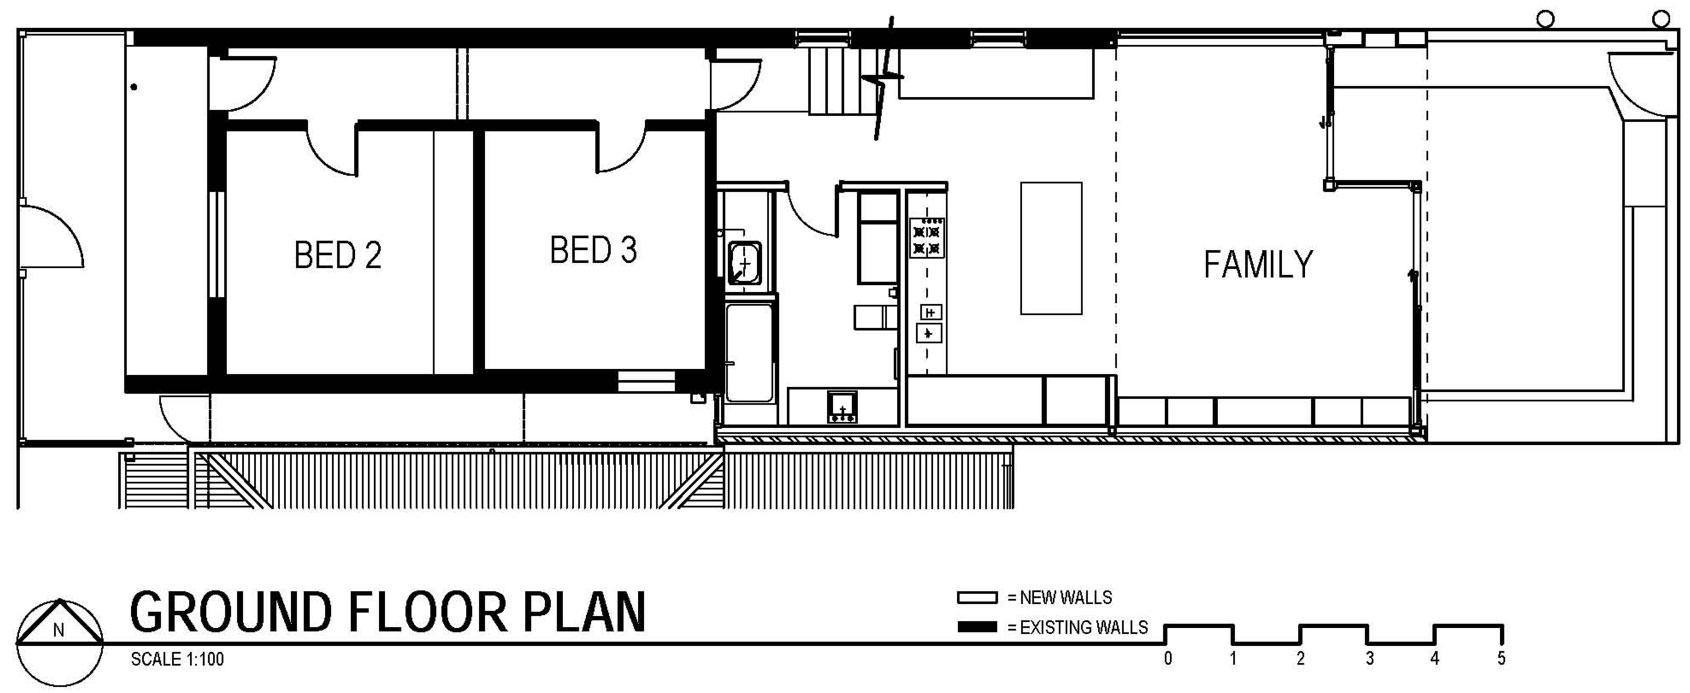 Ground Floor Plan, Modern Renovation in Fitzroy North, Australia